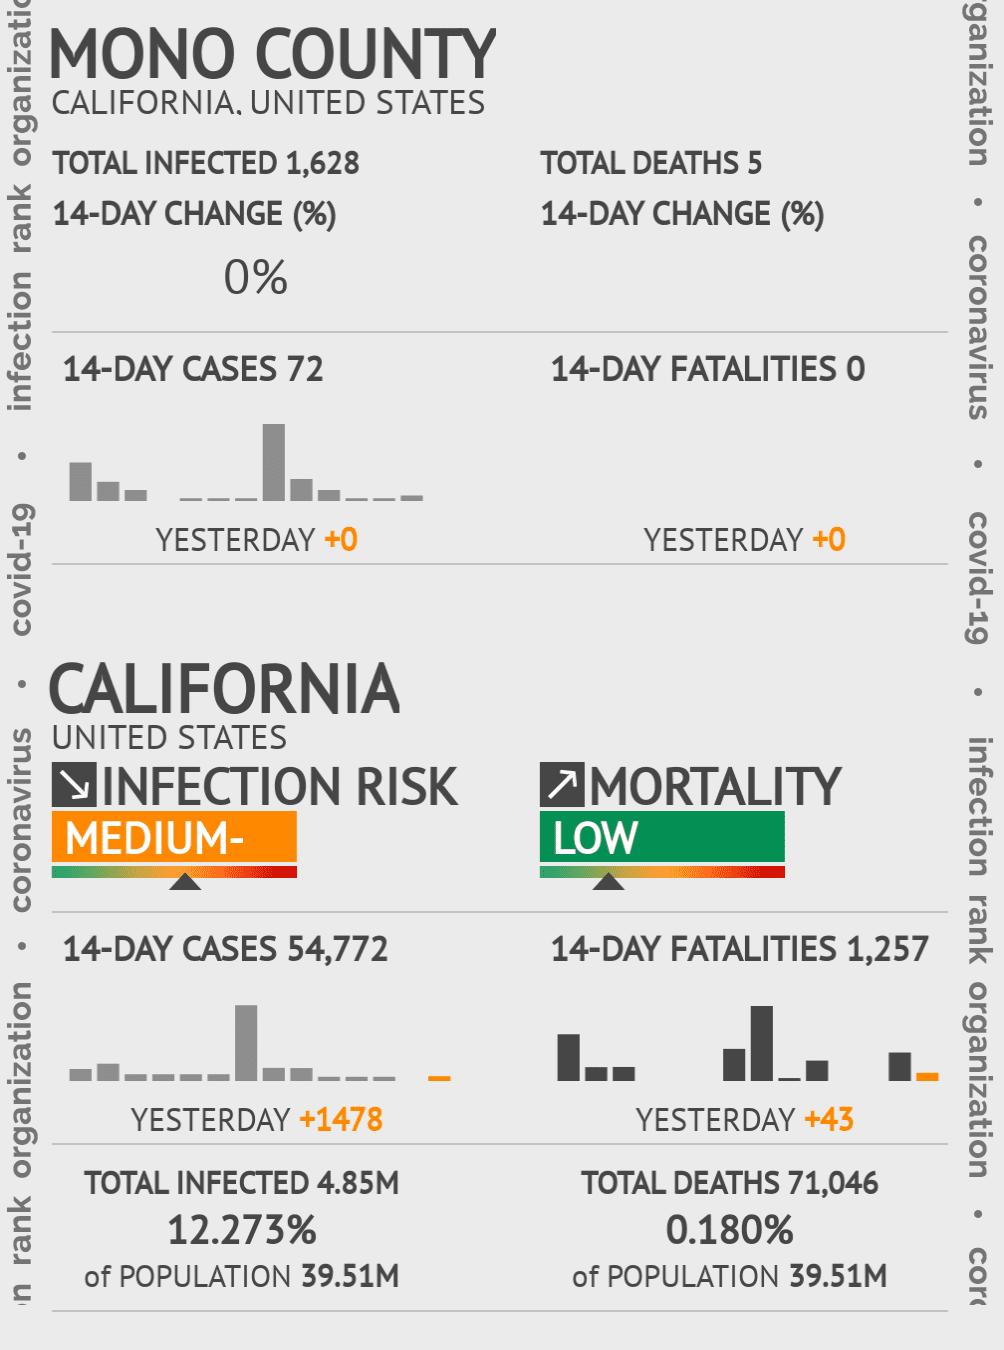 Mono County Coronavirus Covid-19 Risk of Infection on January 14, 2021